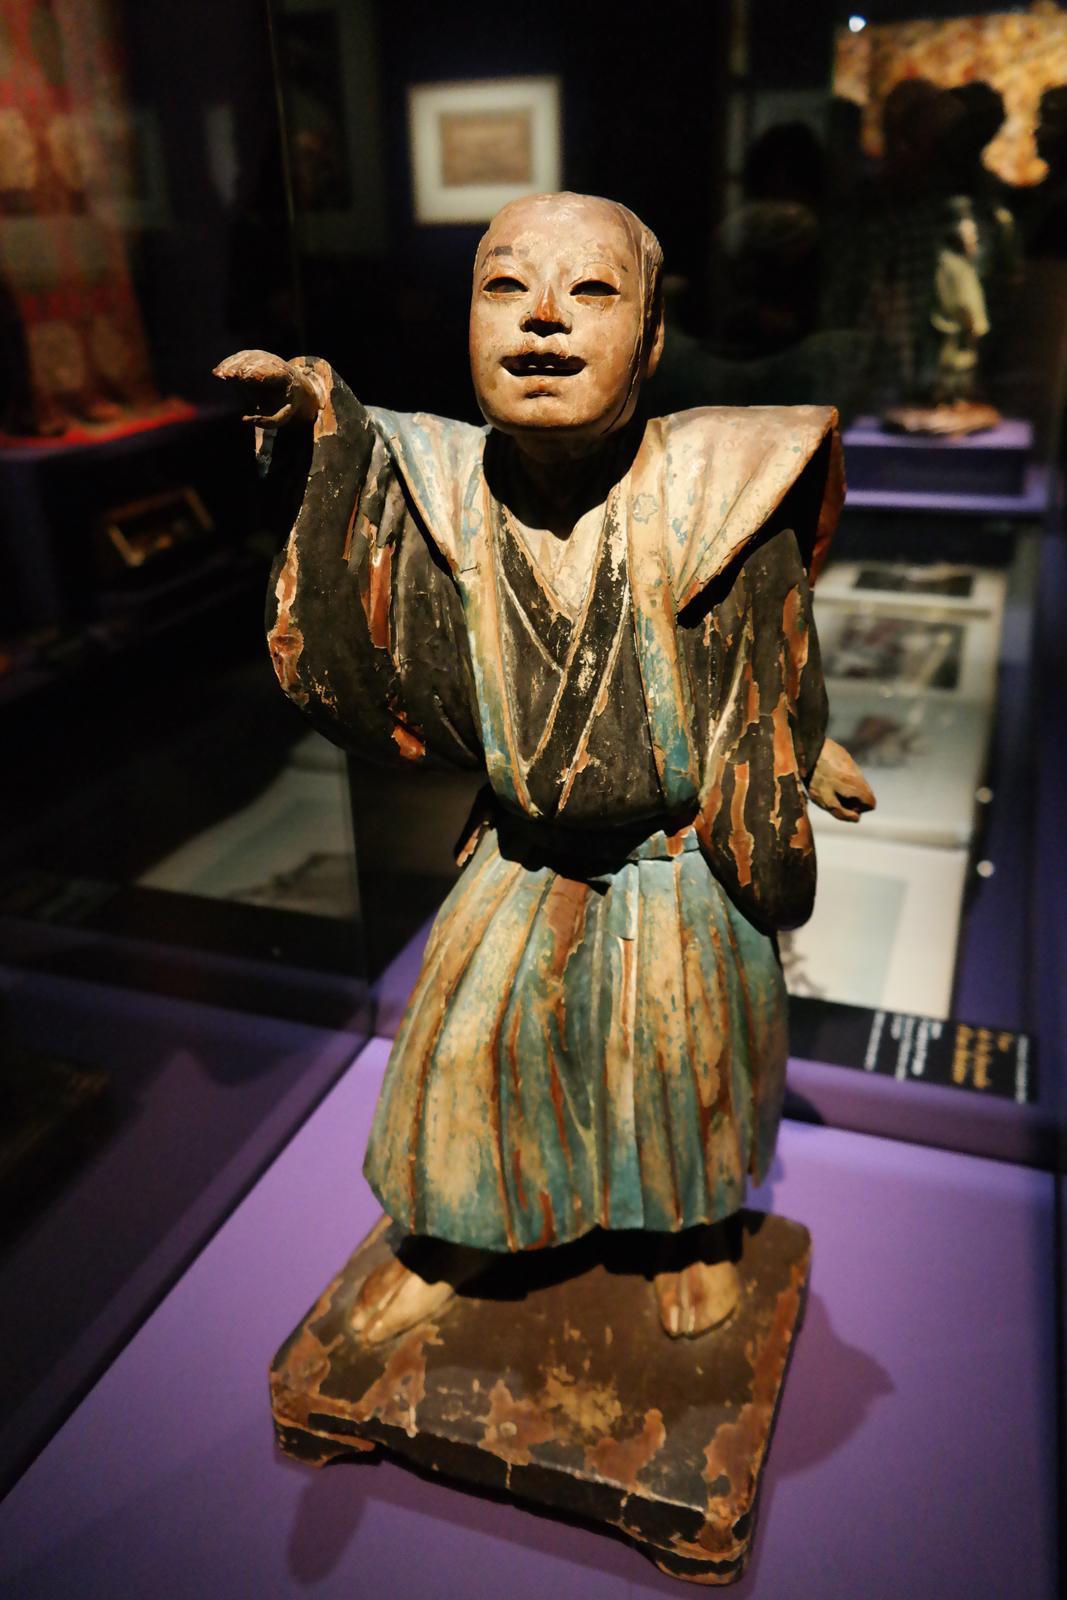 Acteur de nô, Japon, époque Momoyama (1575-1603)